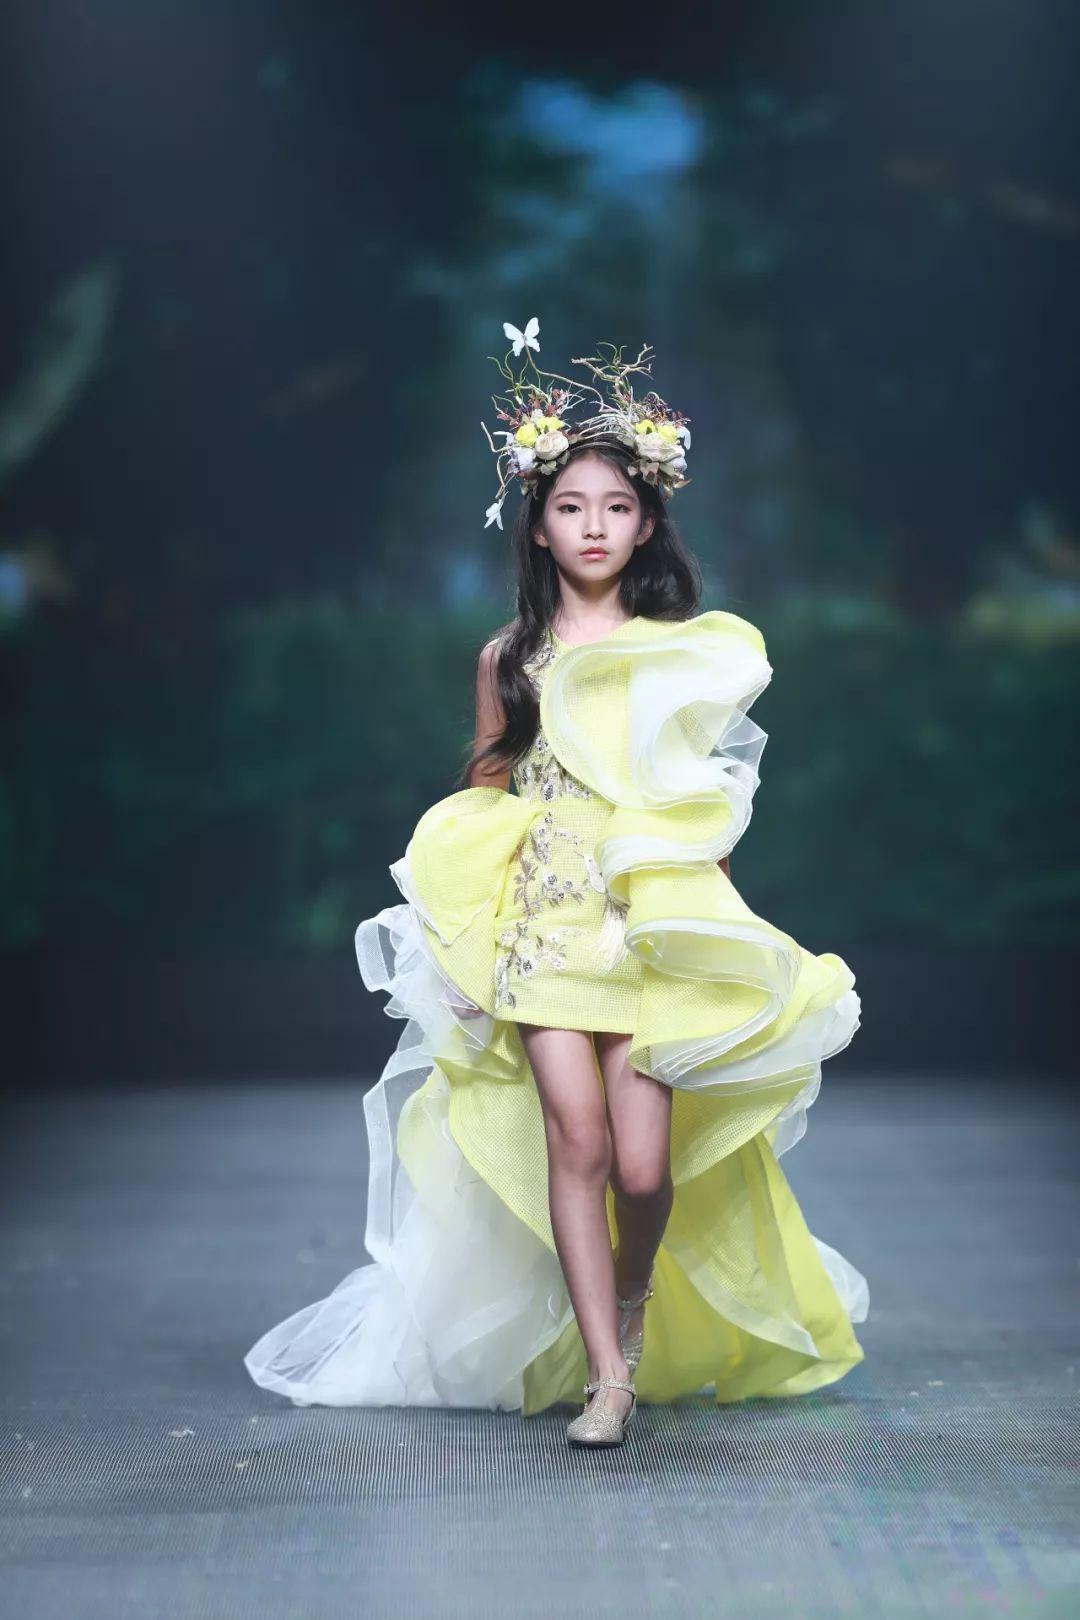 第五届潮童星国际少儿模特大赛报名